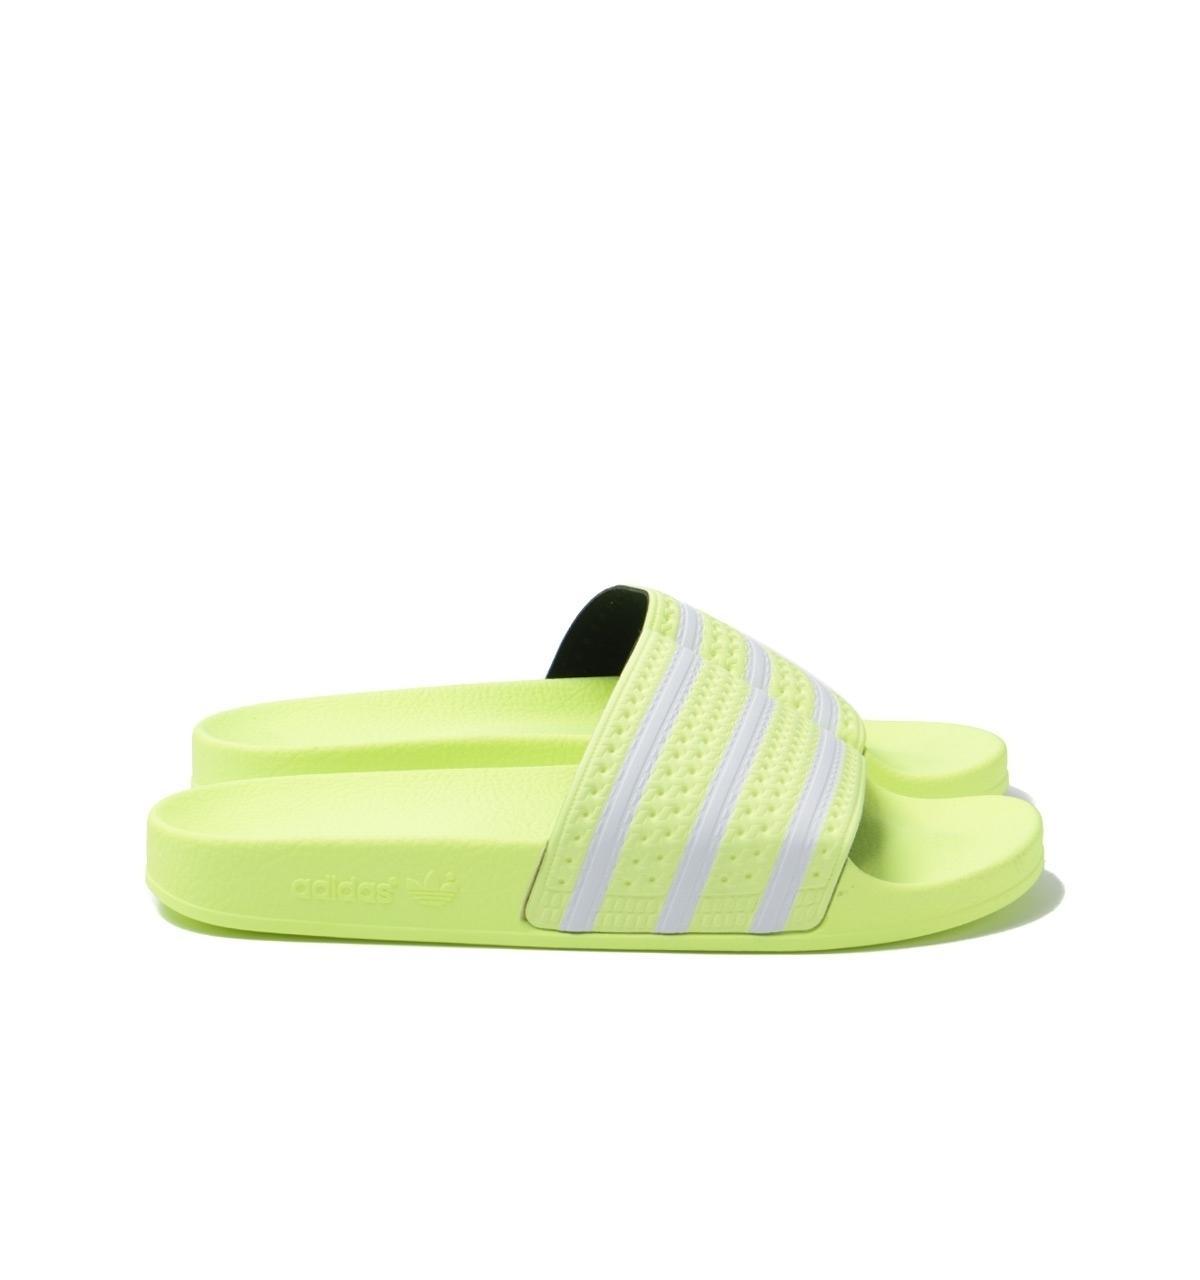 Adilette Neon Yellow Slides for Men